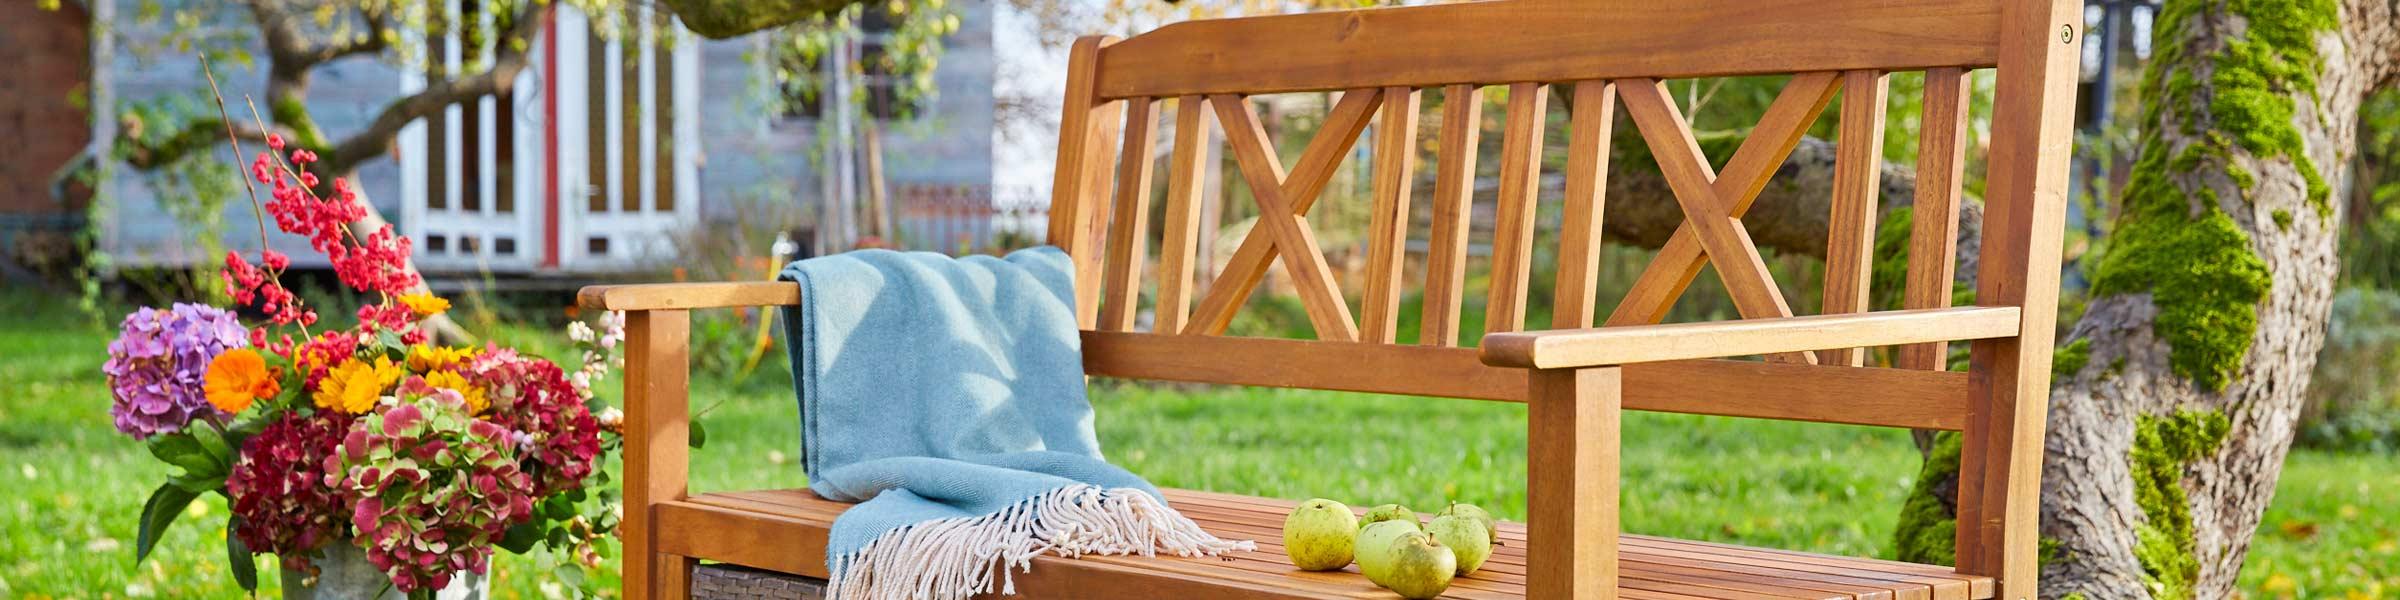 Dehner Gartenmöbel in bester Qualität – jetzt bestellen! | Dehner